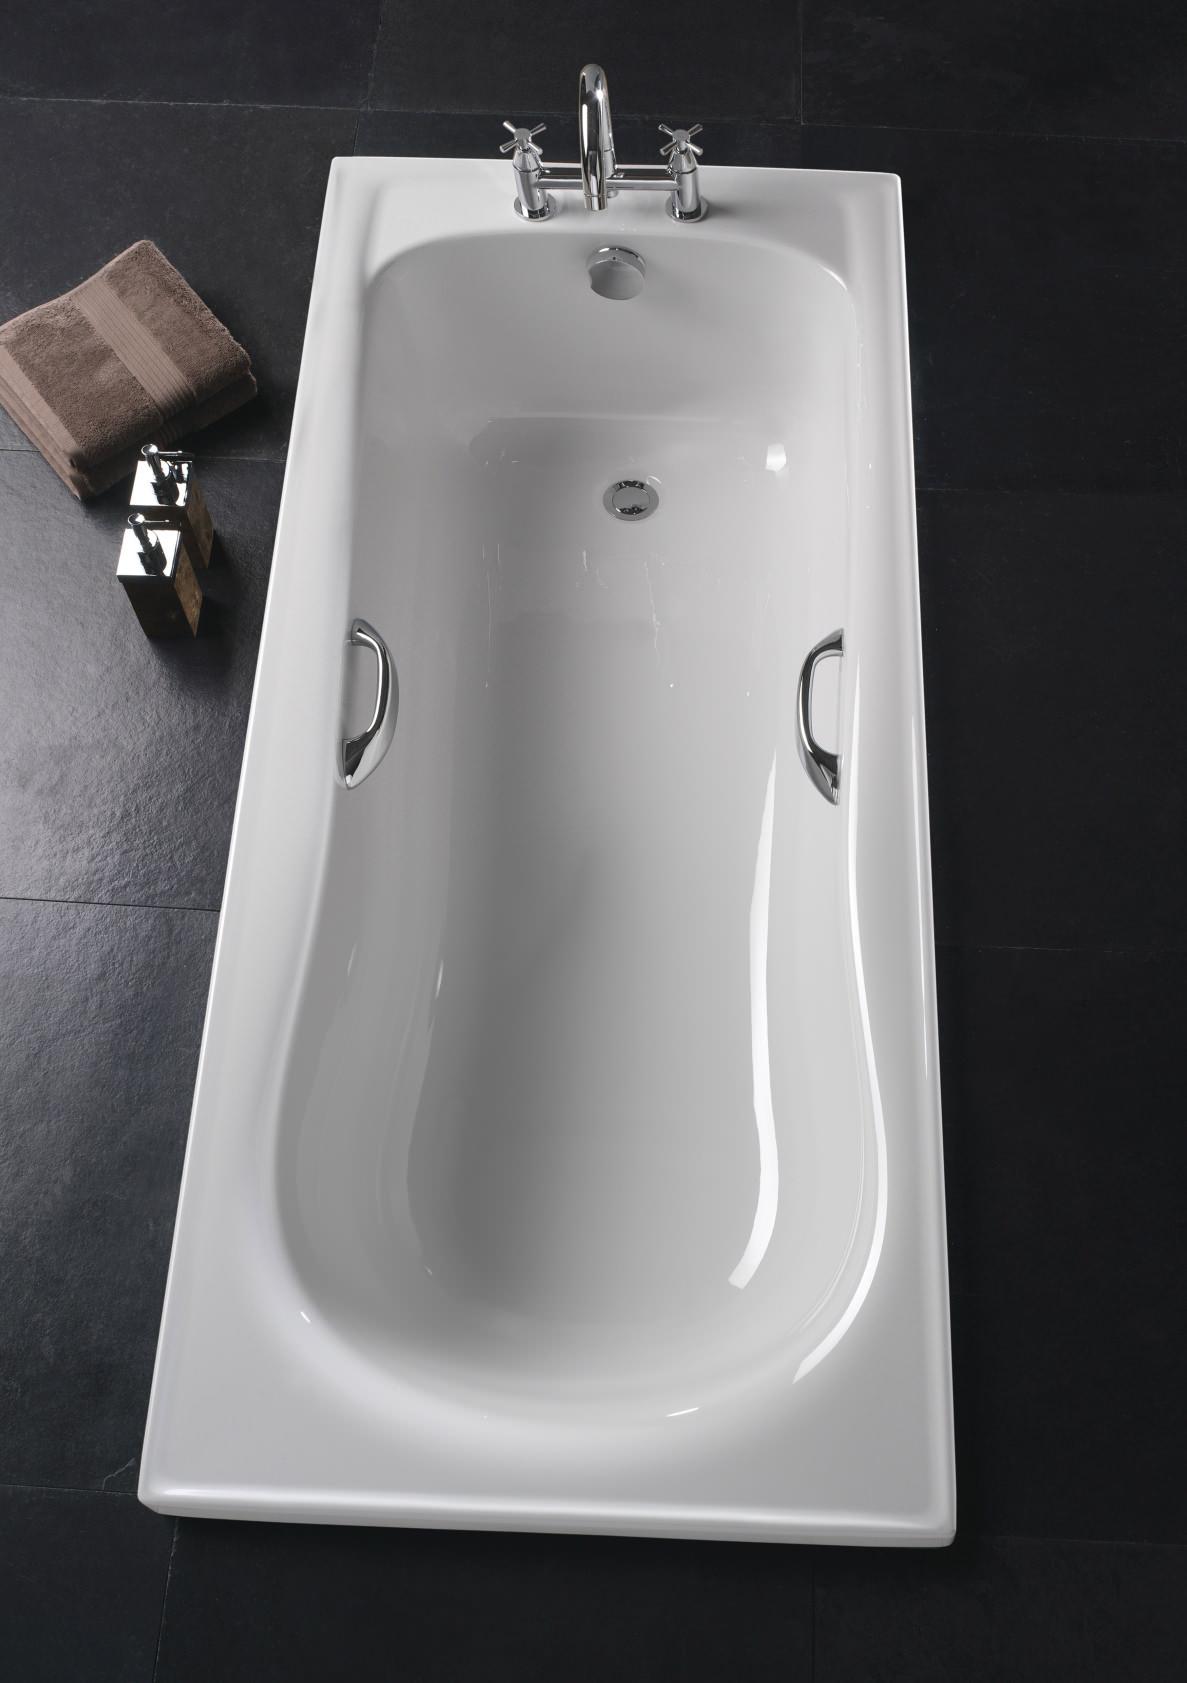 of twyford galerie rectangular acrylic bath 1700 x 700mm gn8550wh